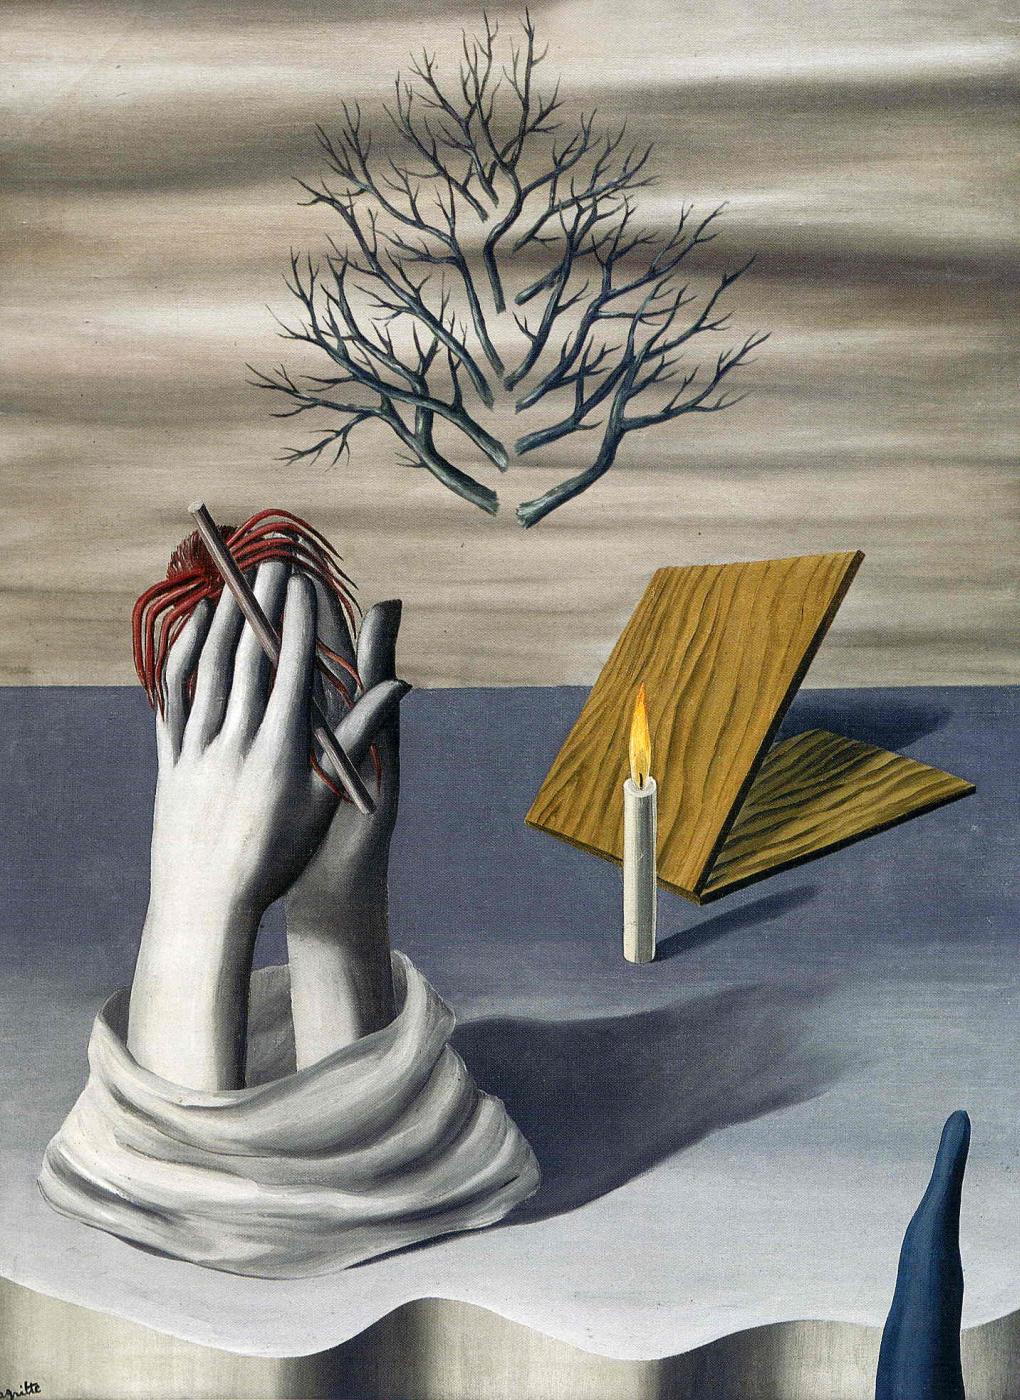 """Рене Магритт """"Рассвет в Кайенне"""" (L'aube a Cayenne, 1926) - анализ картины"""